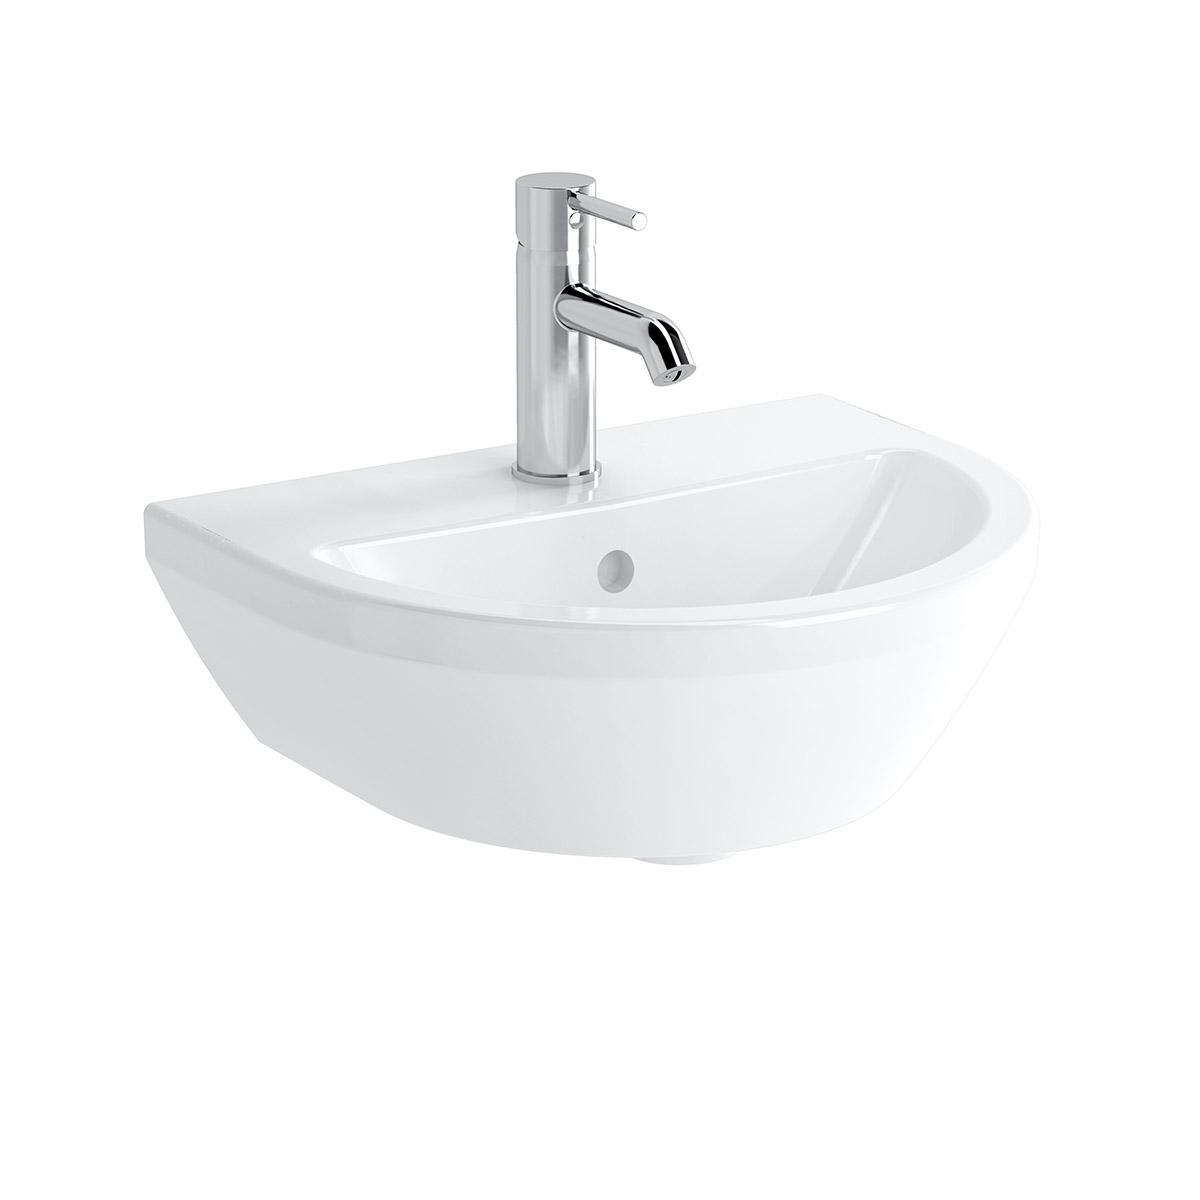 Integra Handwaschbecken, 45 cm, rund, Weiß